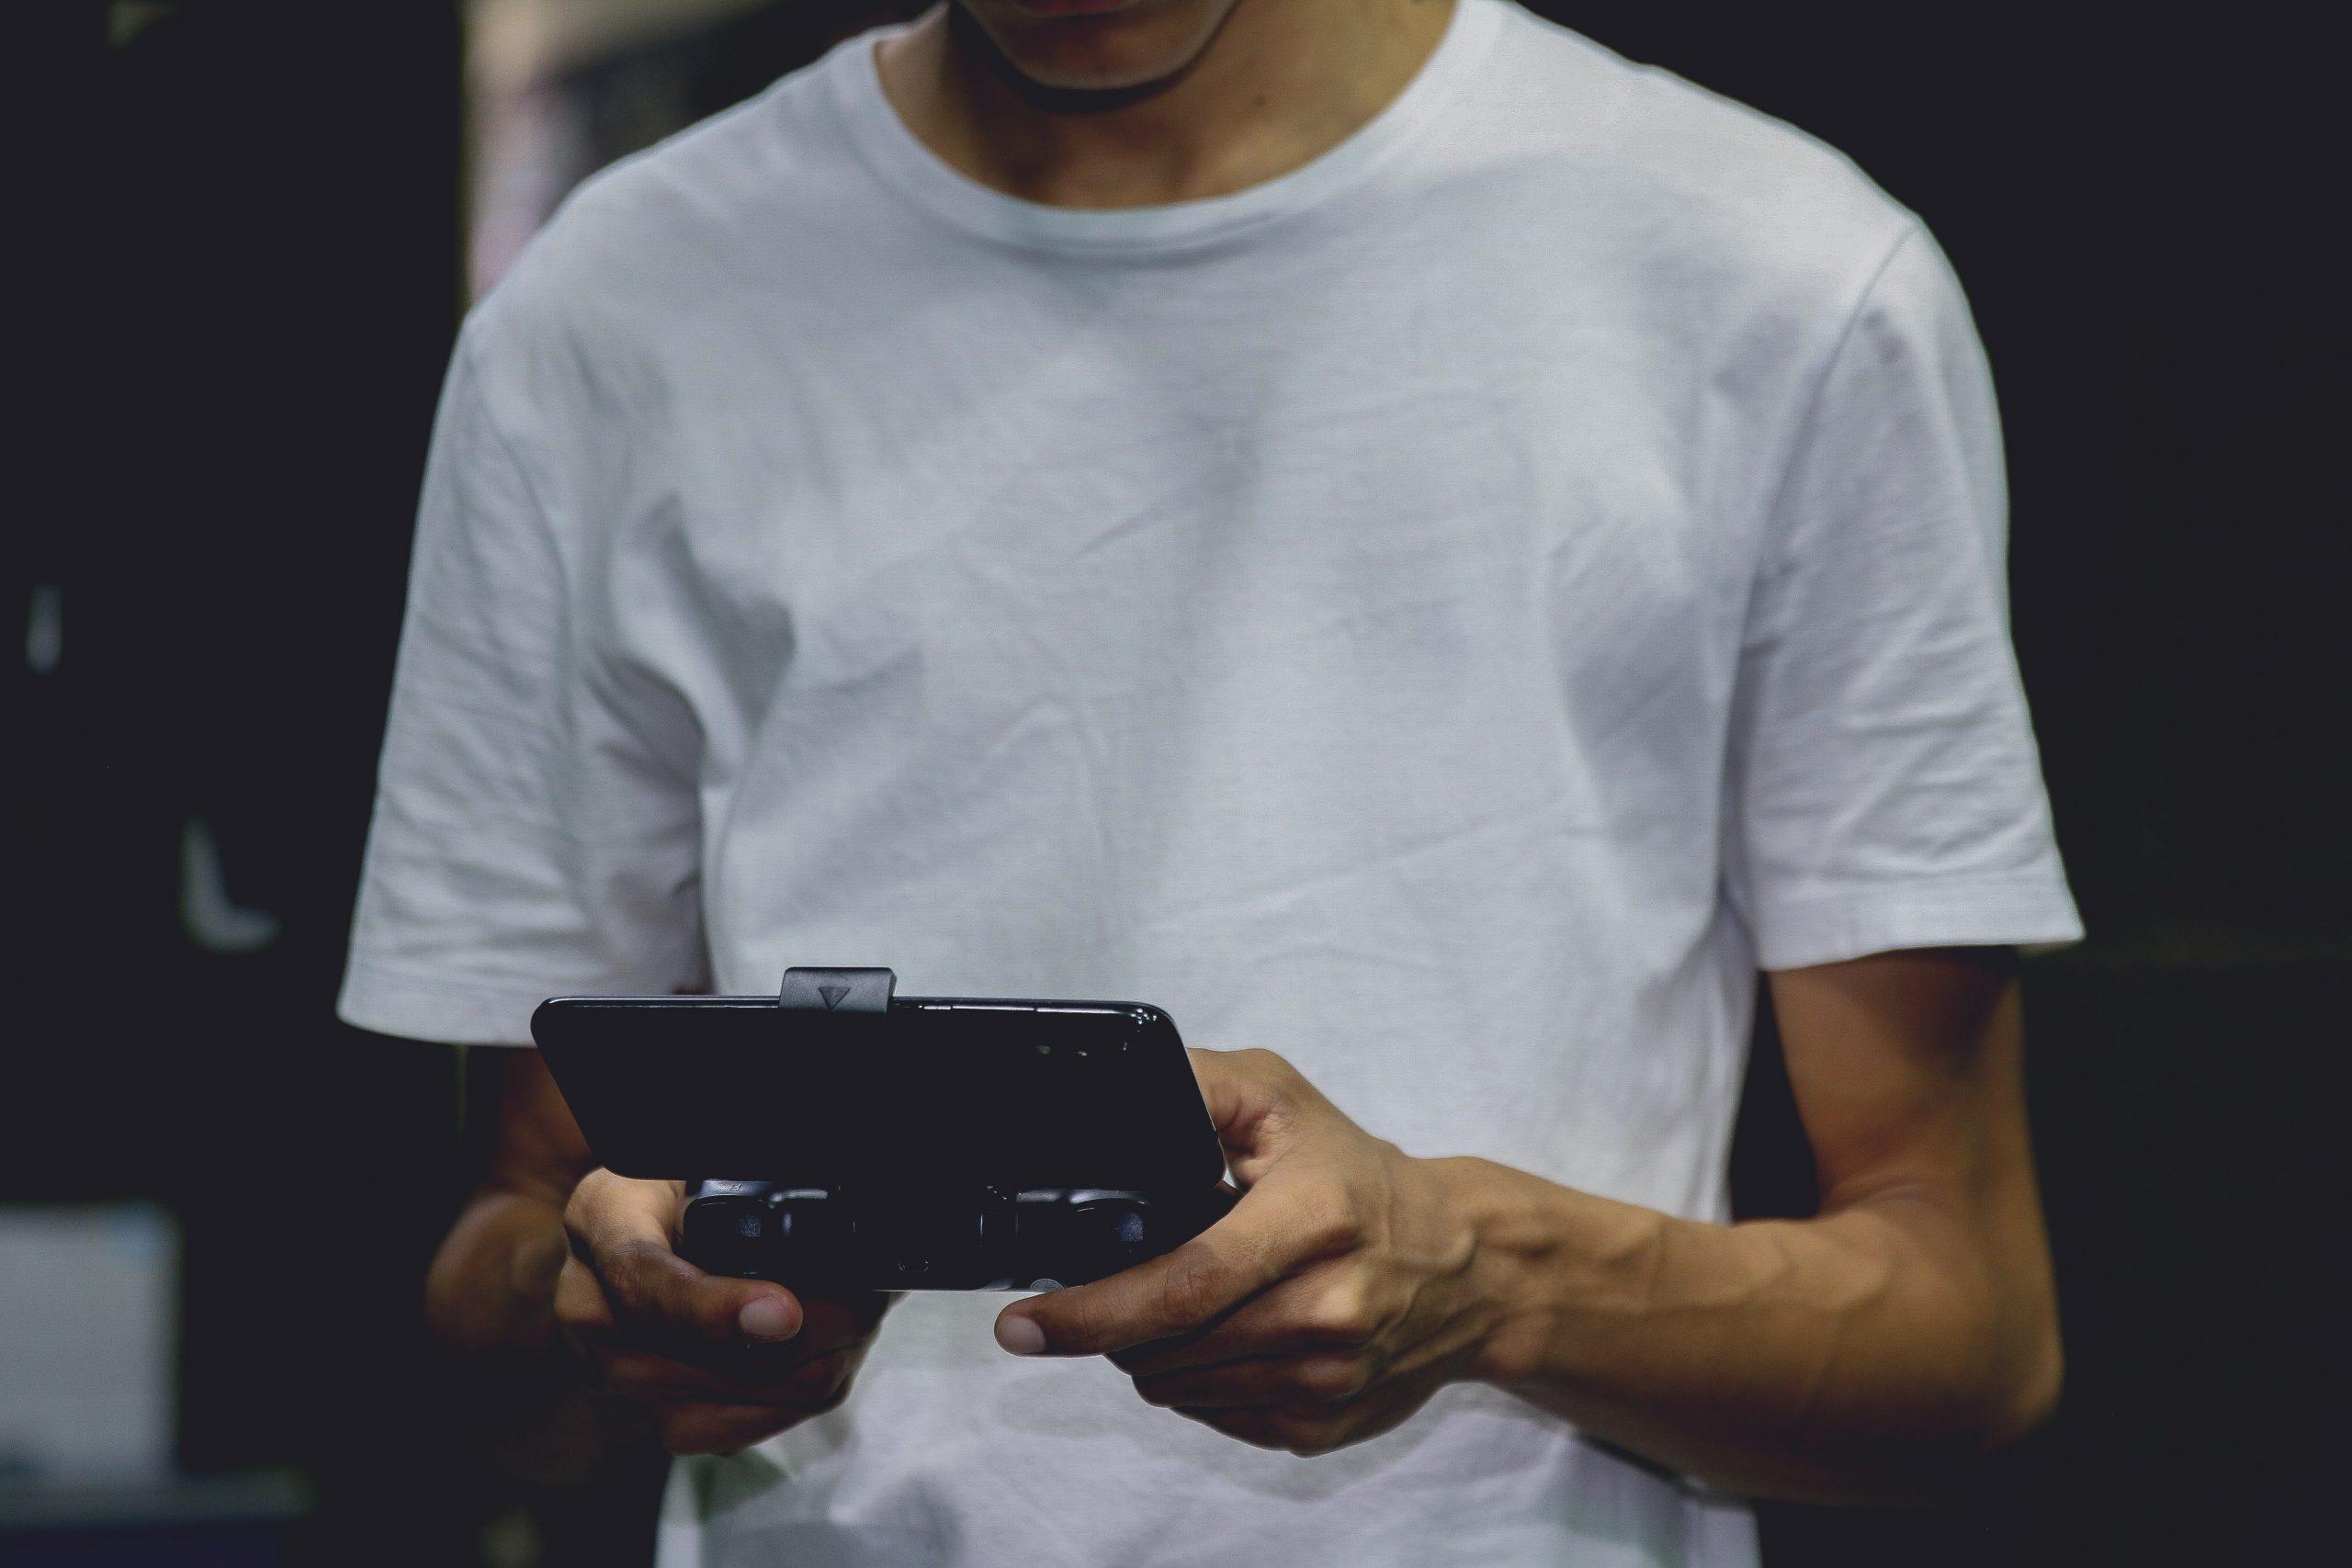 Imagem mostra um homem jogando um game no celular com um gamepad.